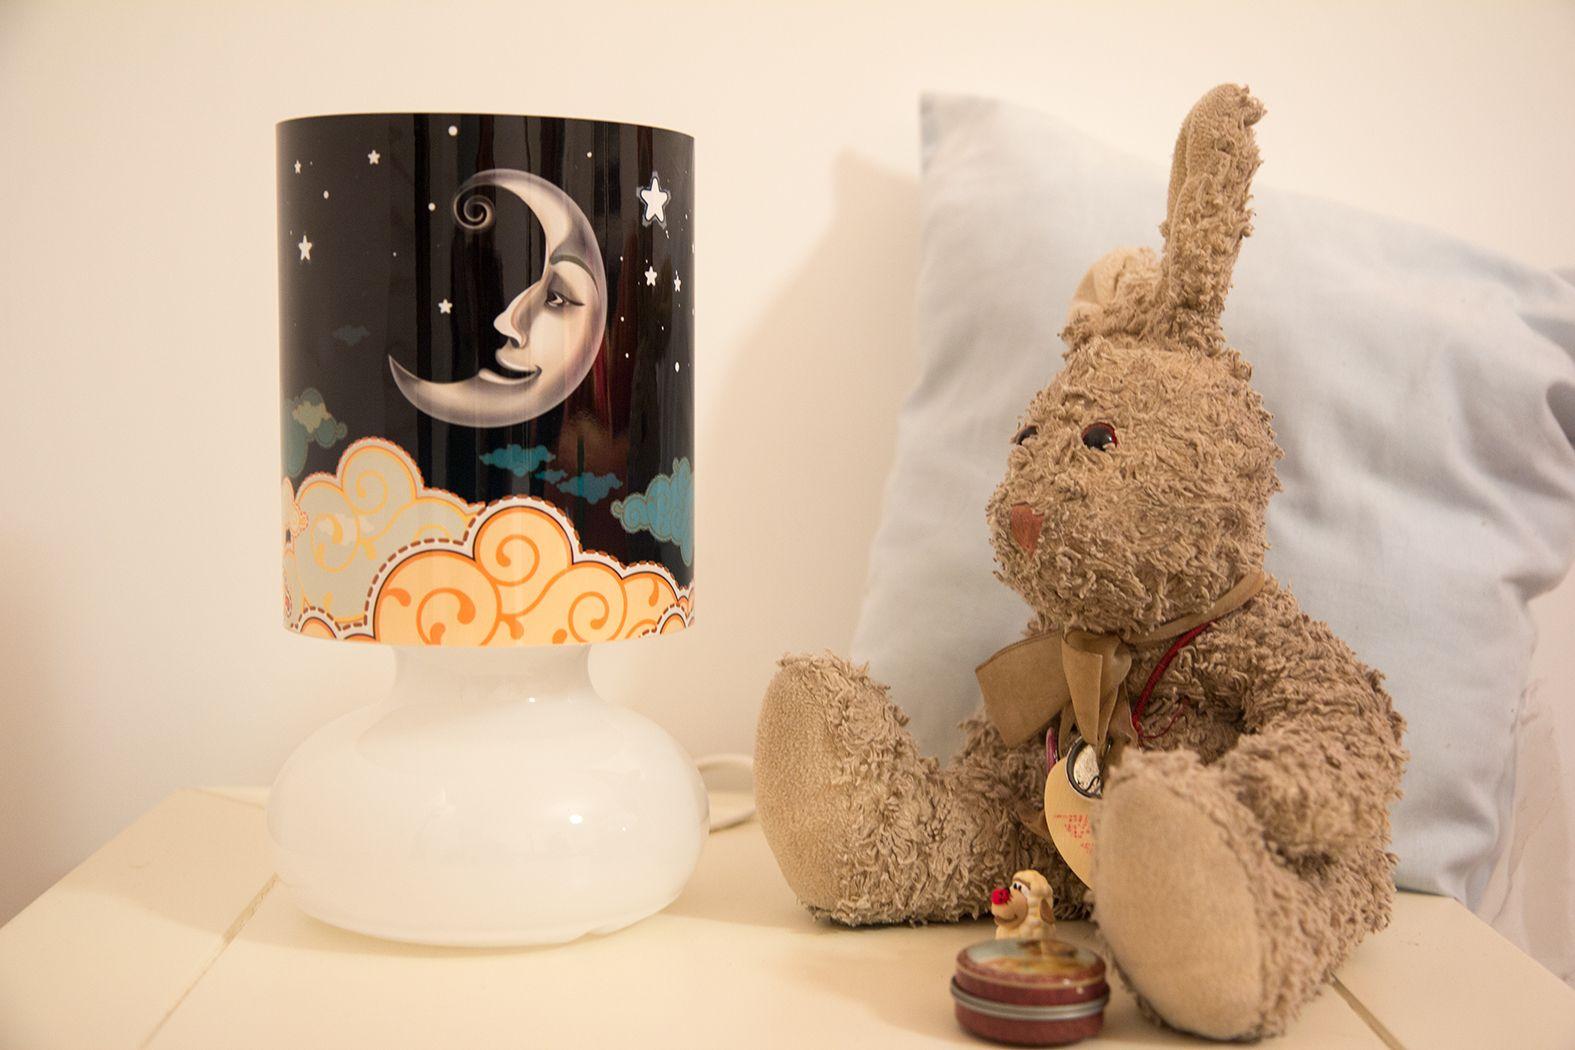 zaubere dir ein schnes nachtlicht fr kinder mit unserem backlit und der ikea lykta lampe - Ikea Lampe Kinder